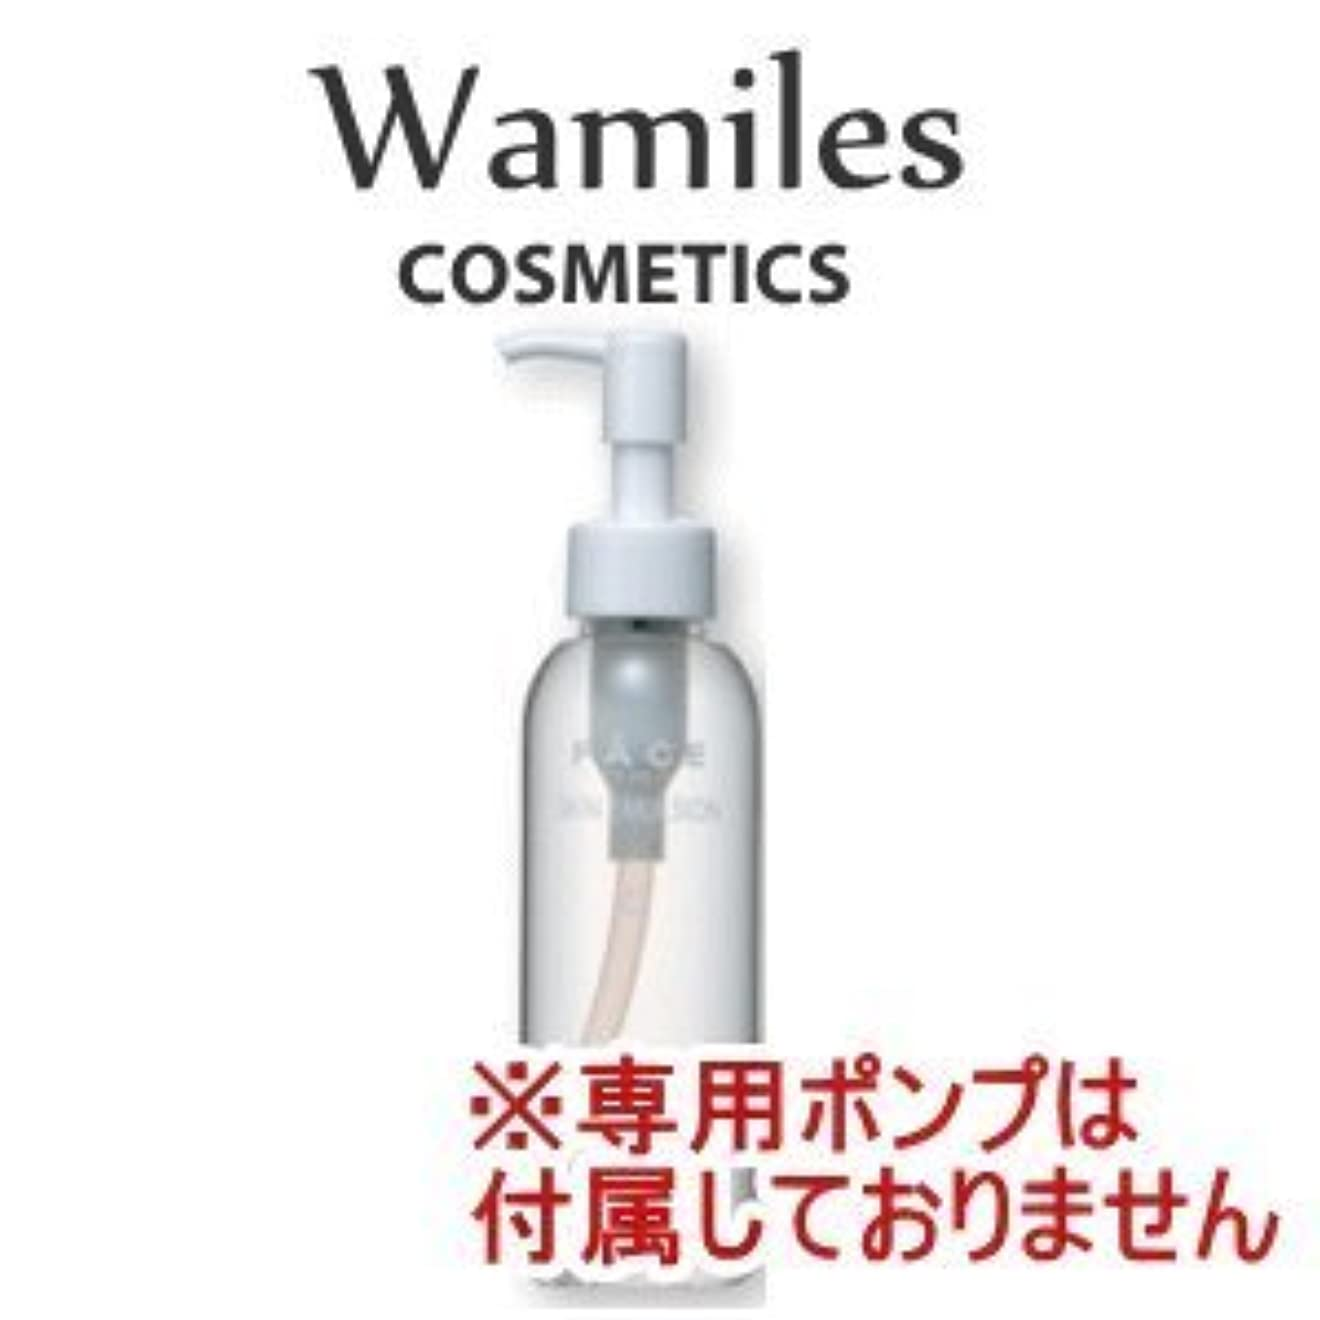 刺すテレビ局感情wamiles/ワミレス フェイス スキンエマルジョン 150ml